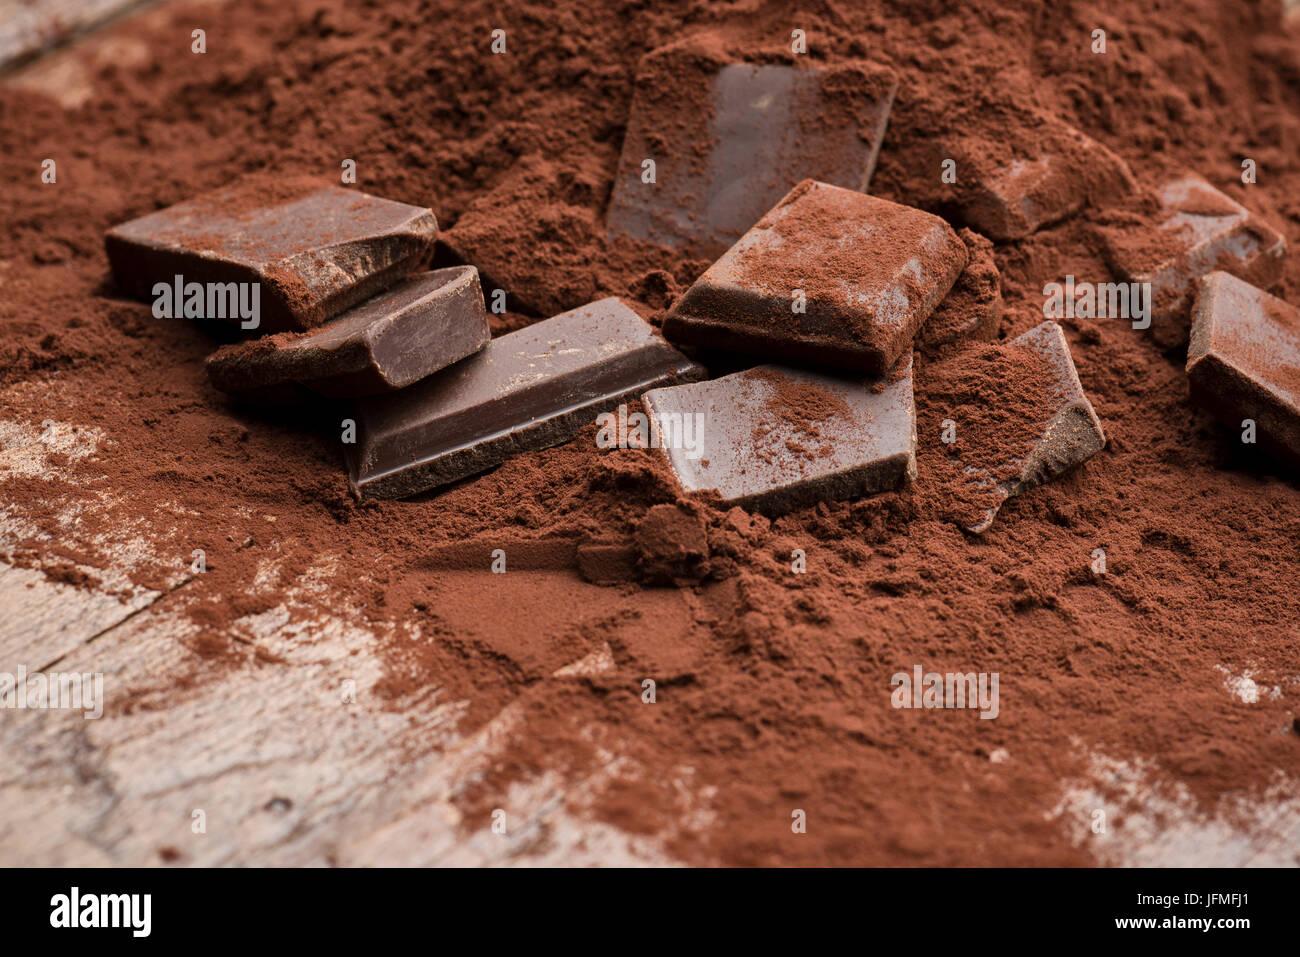 Montón de cacao en polvo con bloque de chocolate sobre la mesa de madera Imagen De Stock